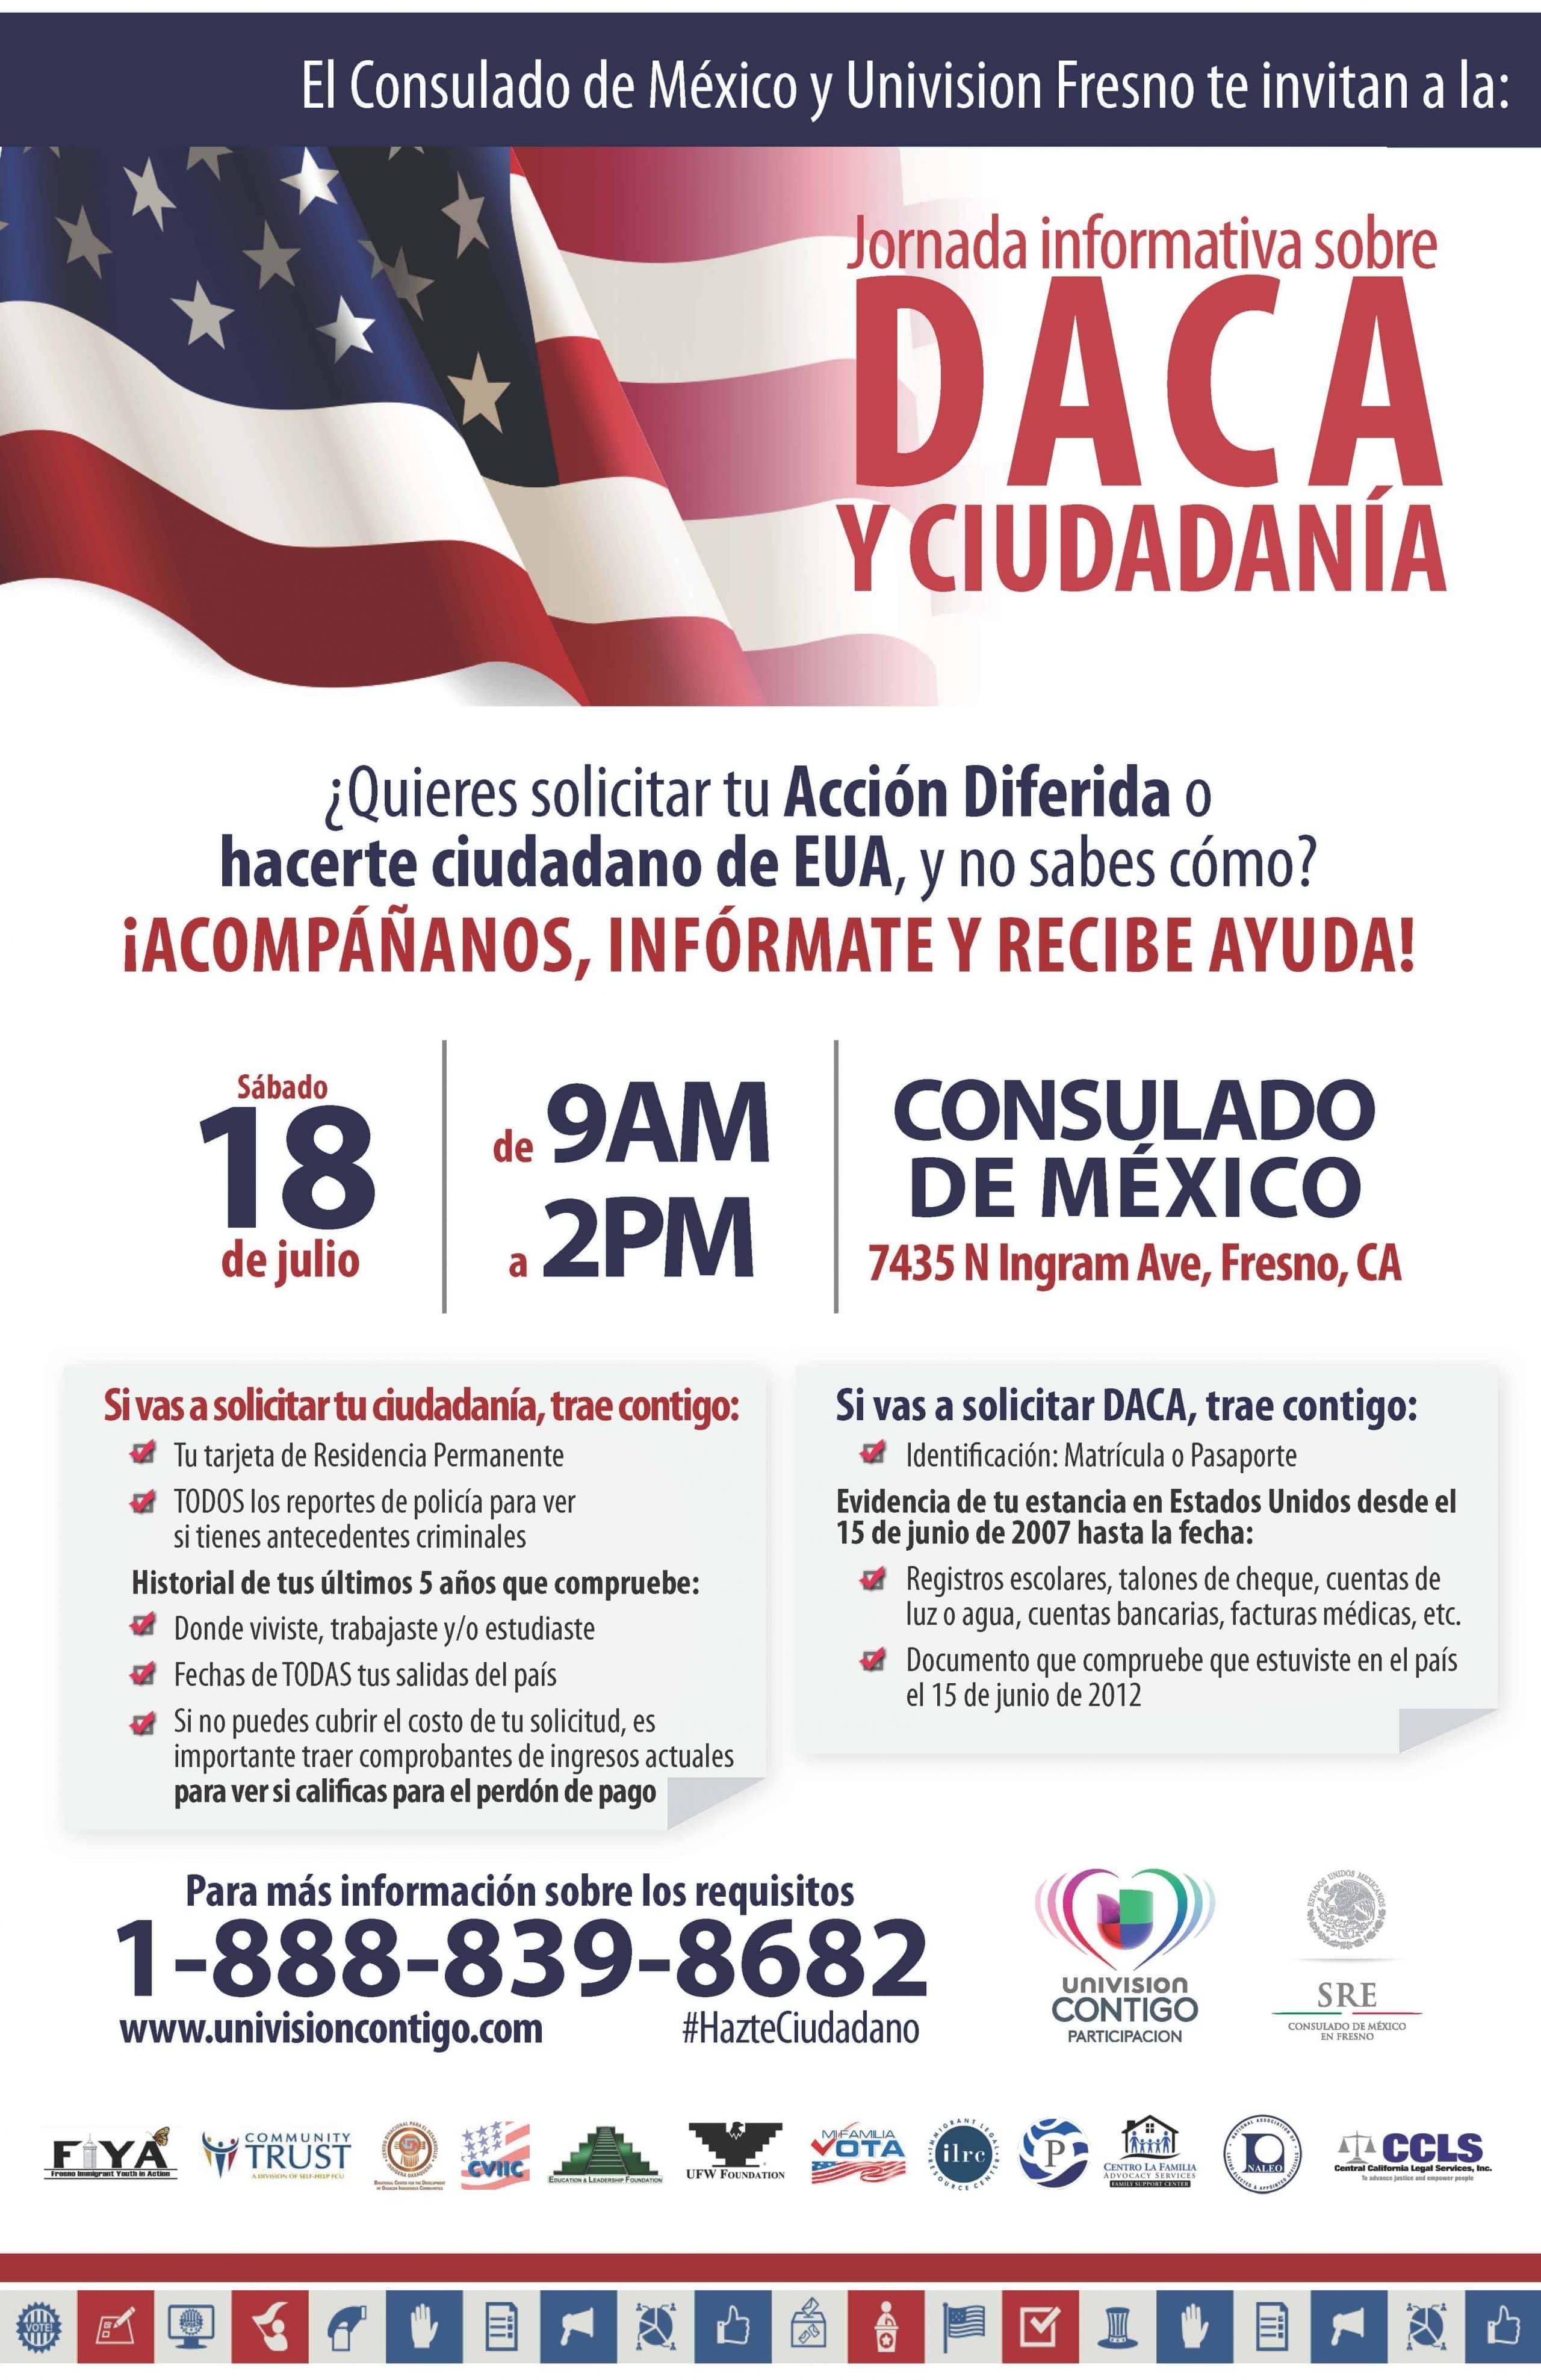 Taller de DACA y ciudadania 18 de Julio Consulado de Mexico en Fresno